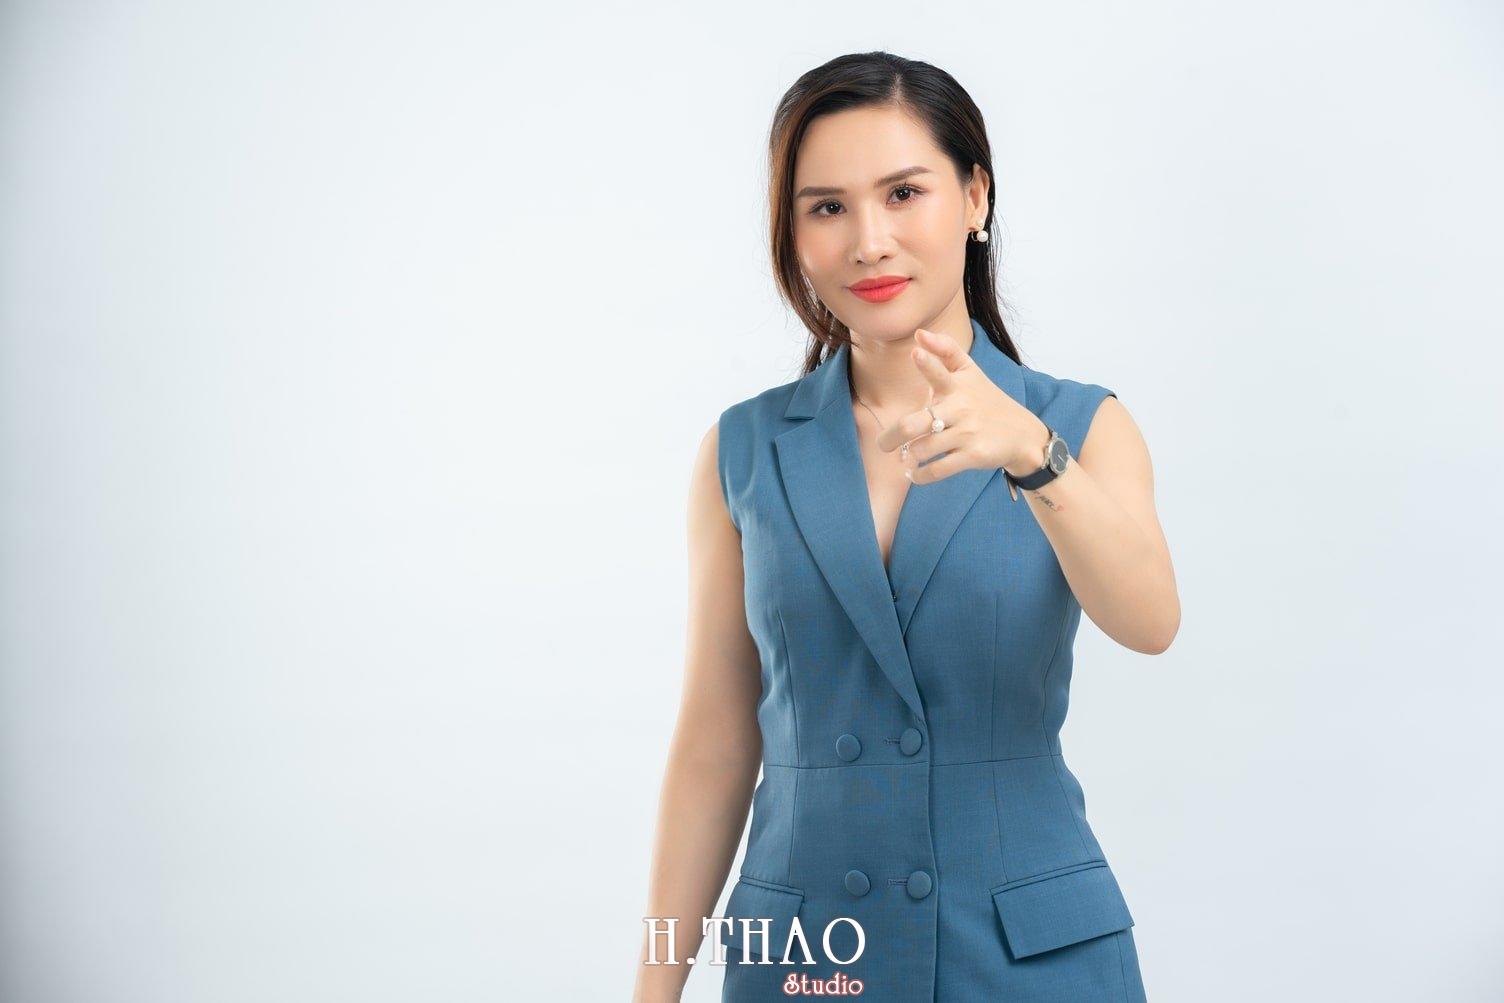 Doanh nhan nu 20 - Ảnh nữ doanh nhân bất động sản, phó TGĐ Express Ms.Nho – HThao Studio